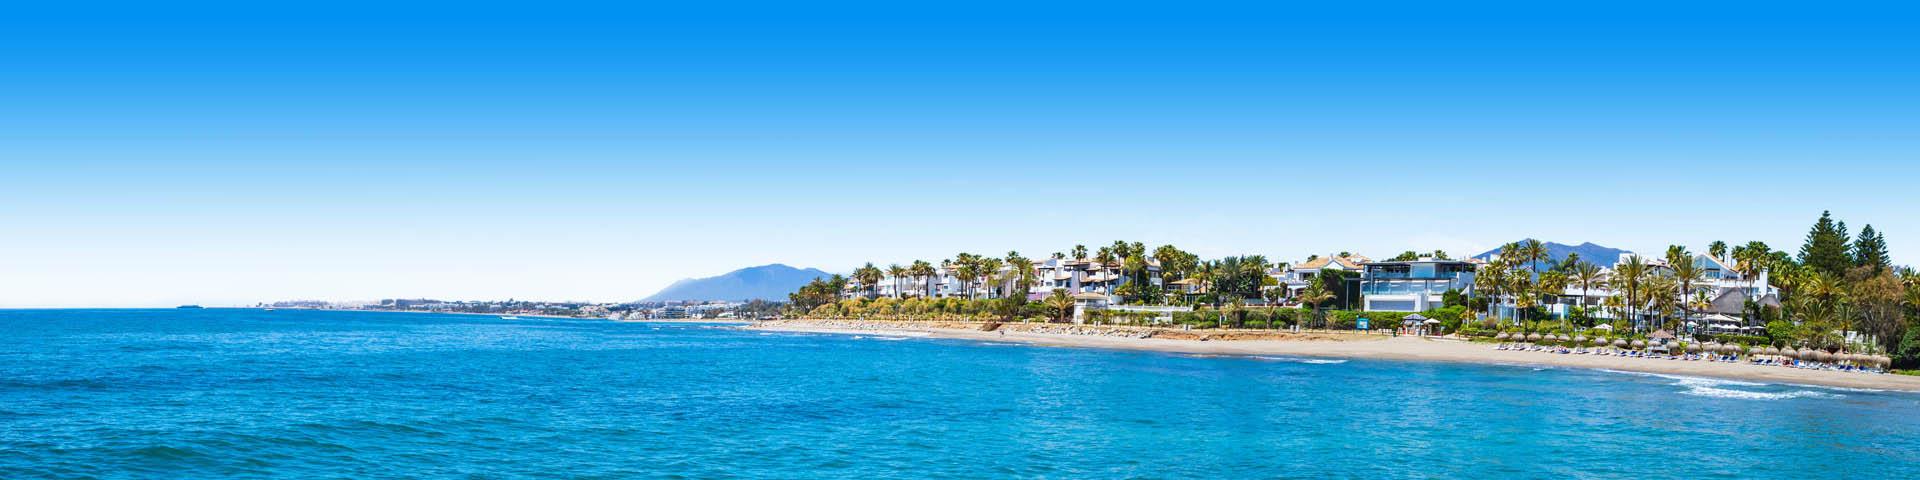 Zee met uitzicht op de kust van de Costa del Sol, Spanje